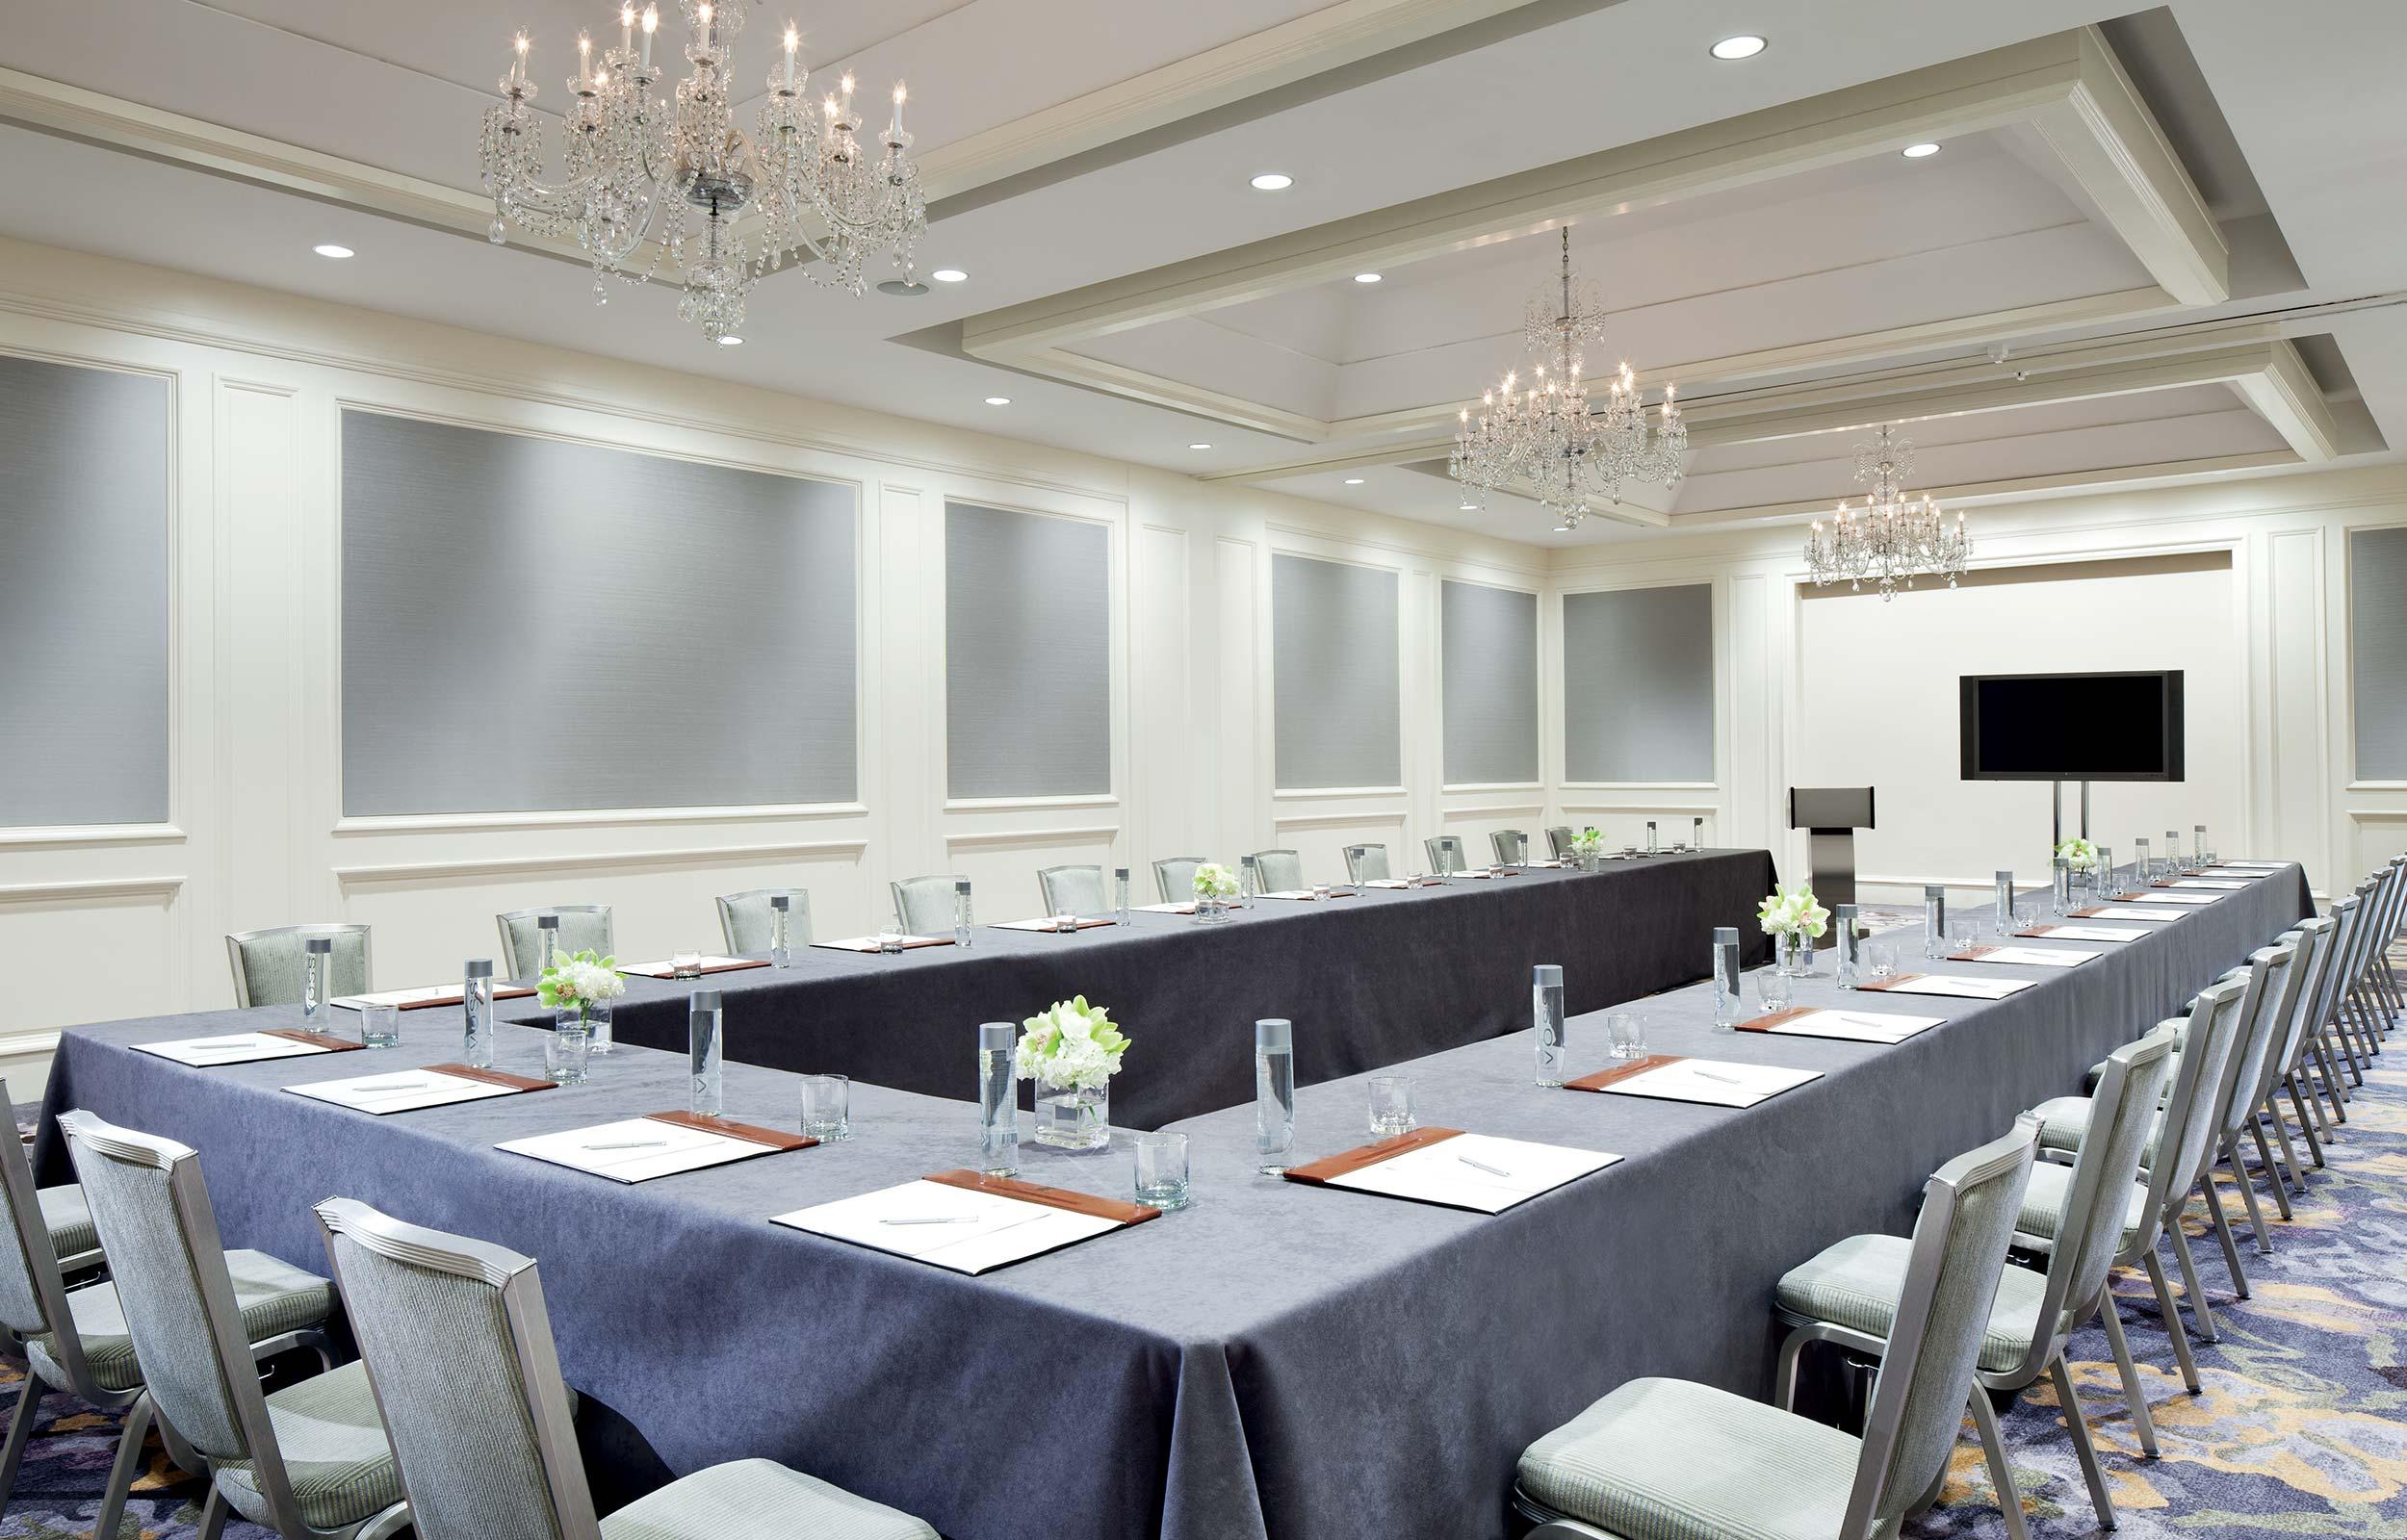 Các kiểu sắp xếp bàn ghế trong các Sự kiện Hội nghị, Hội thảo ...